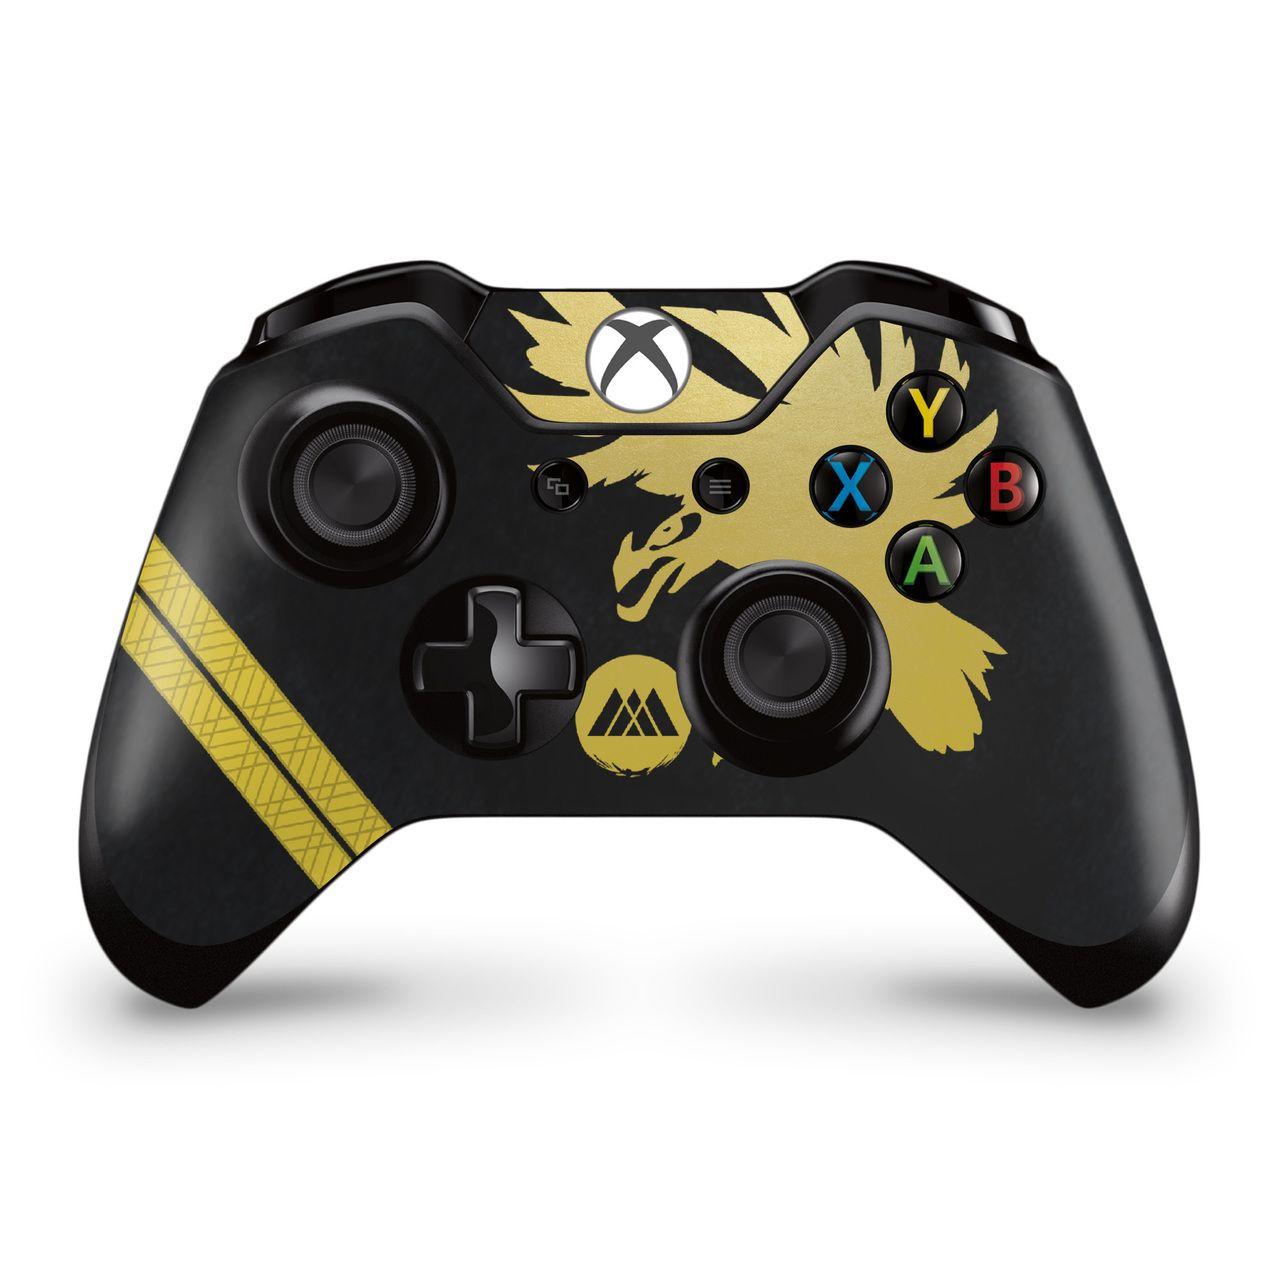 Warlock Phoenix Stripes Xbox Controller Skin Destiny 2 Theme Fan Art Xbox One Controller Xbox One Xbox